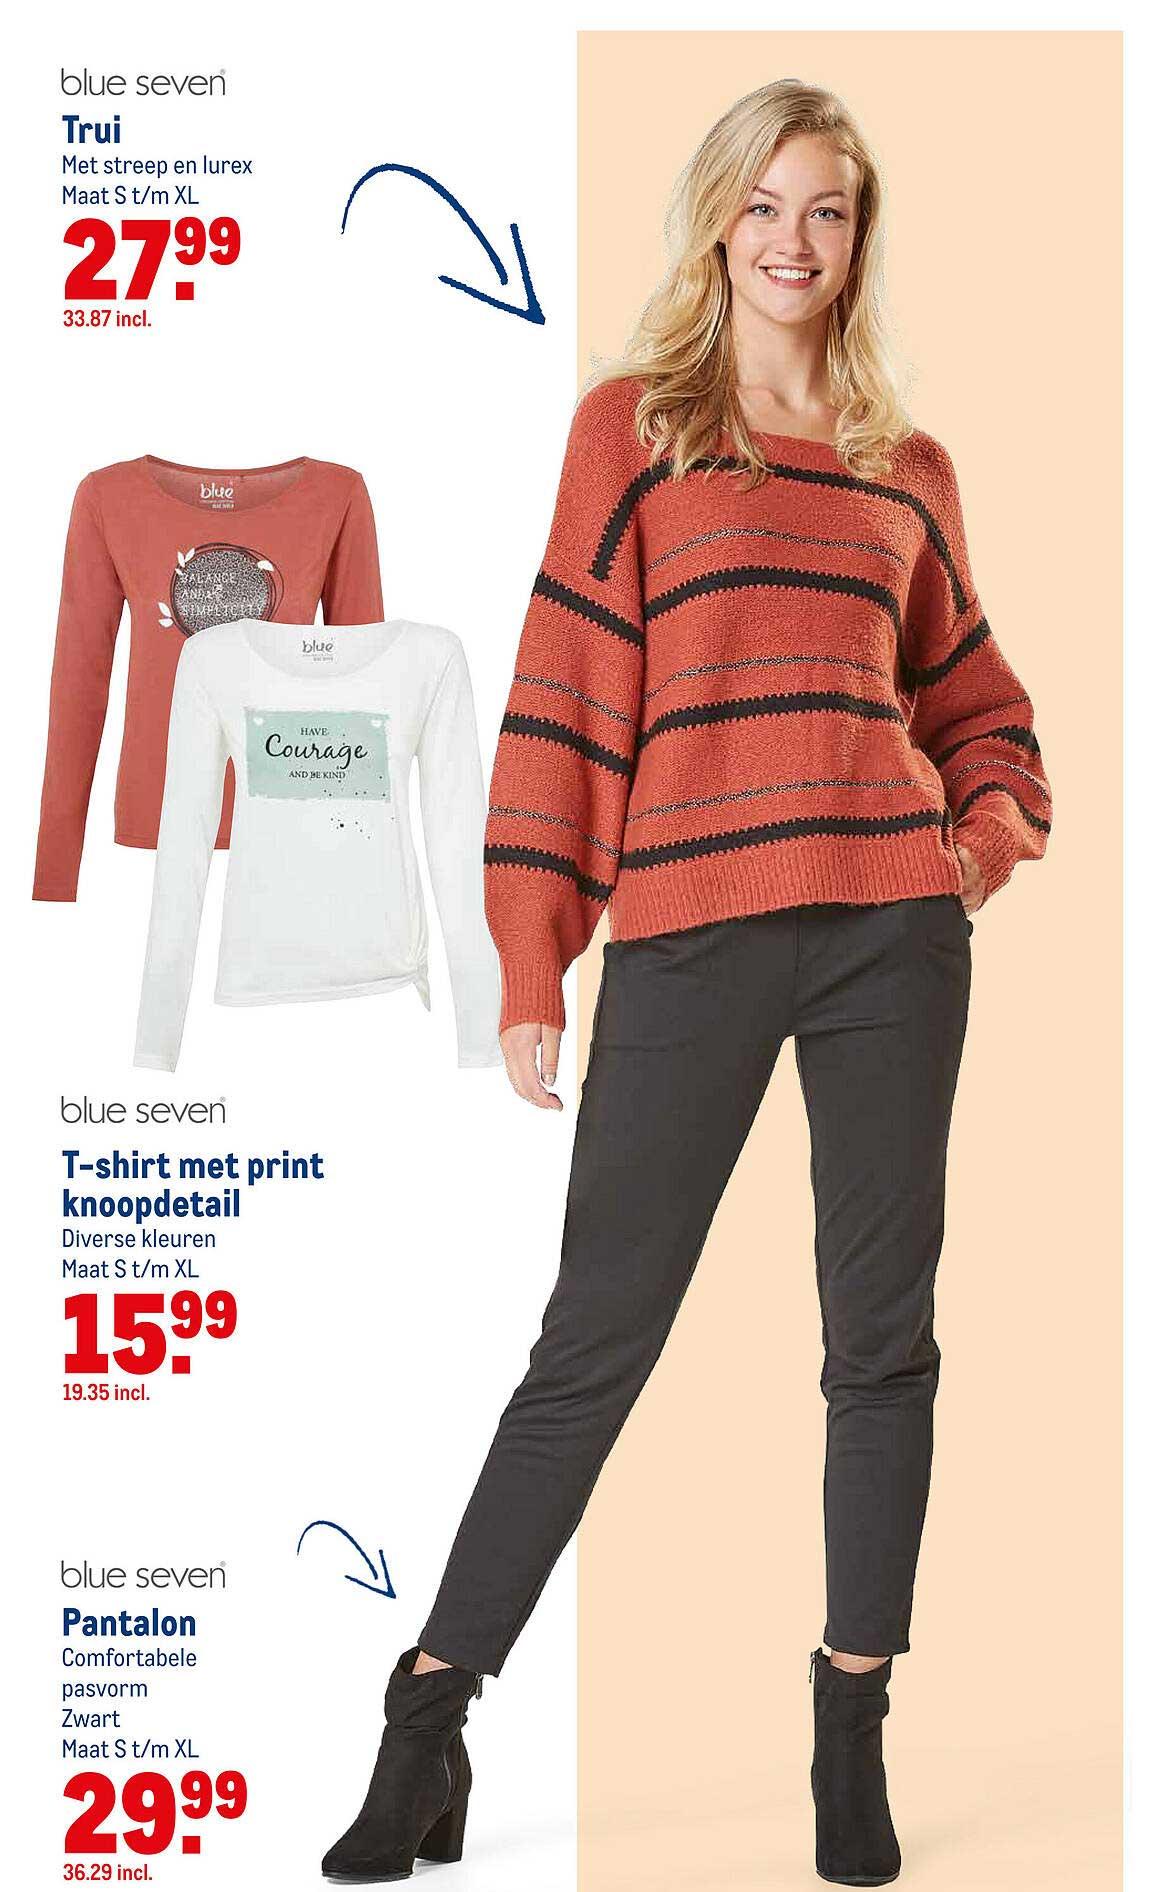 Makro Blue Seven Trui, T-Shirt Met Print Knoopdetail Of Pantalon